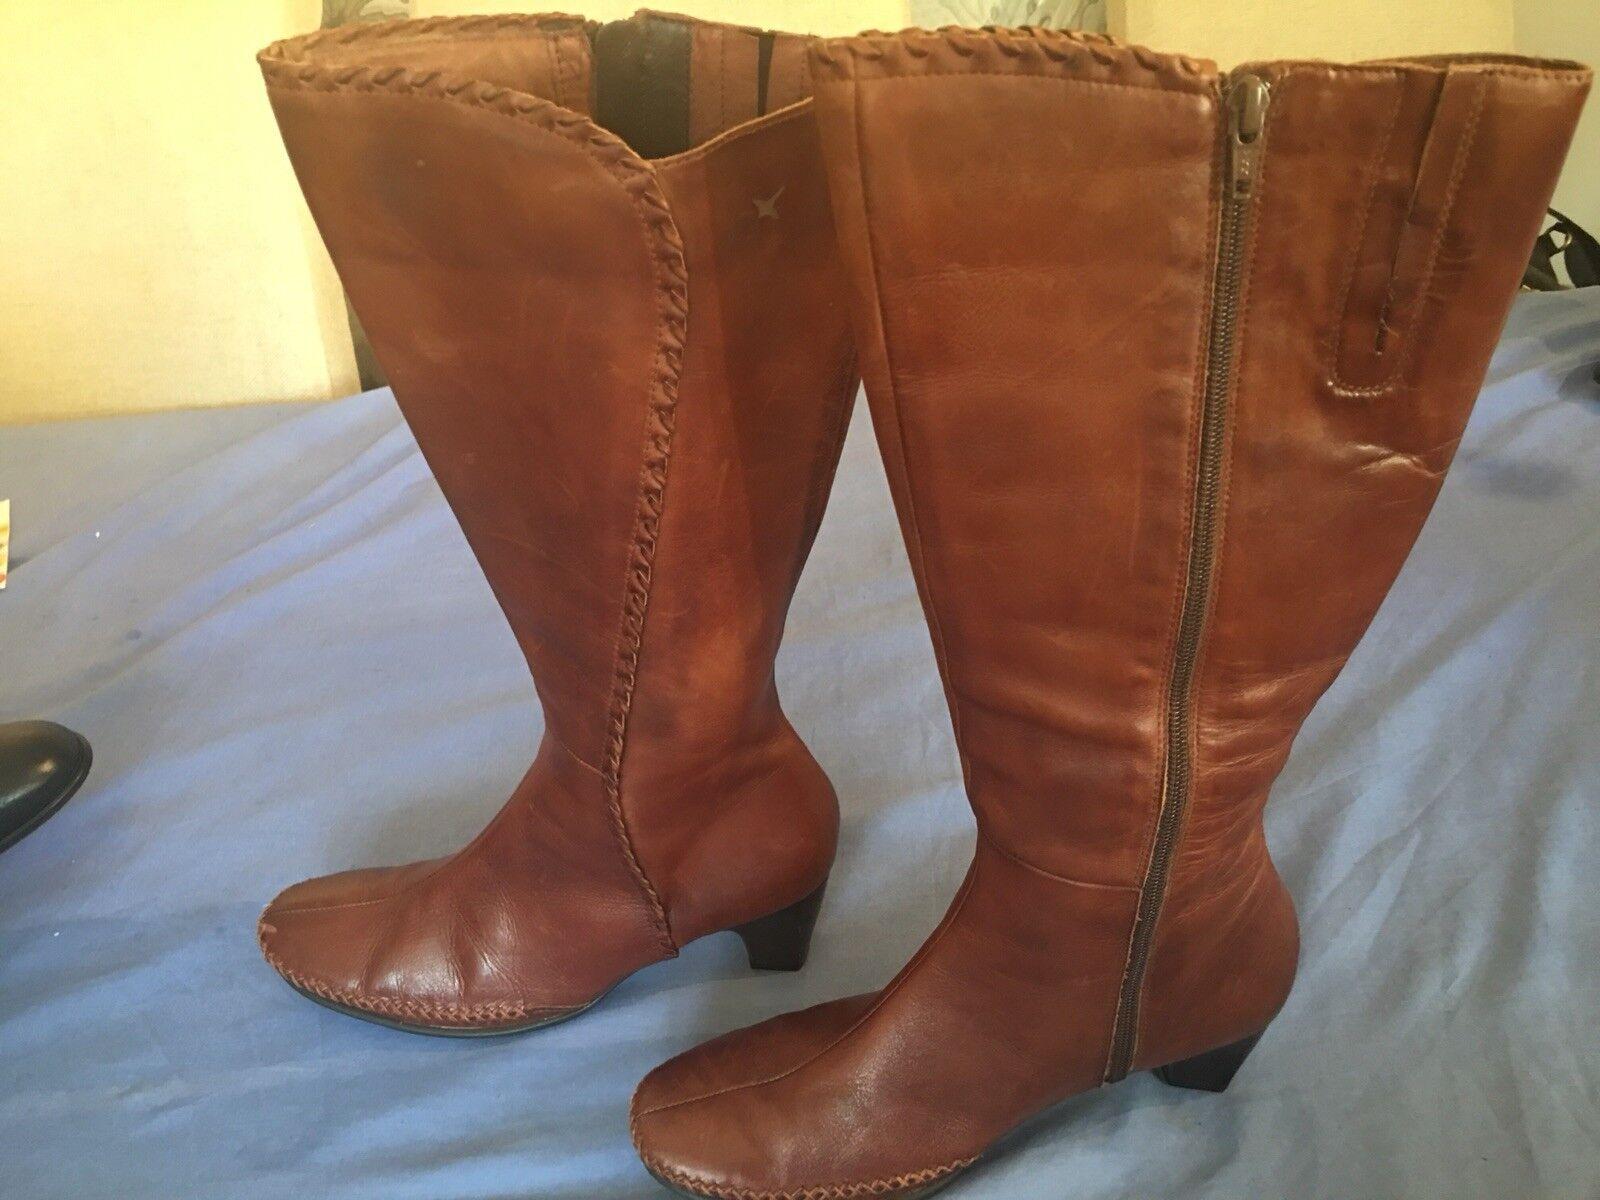 pikolinos pikolinos pikolinos mesdames Marron  moccasin genou des bottes hautes royaume  uni taille 5 / 3 8 (bt0 7) . 24f970